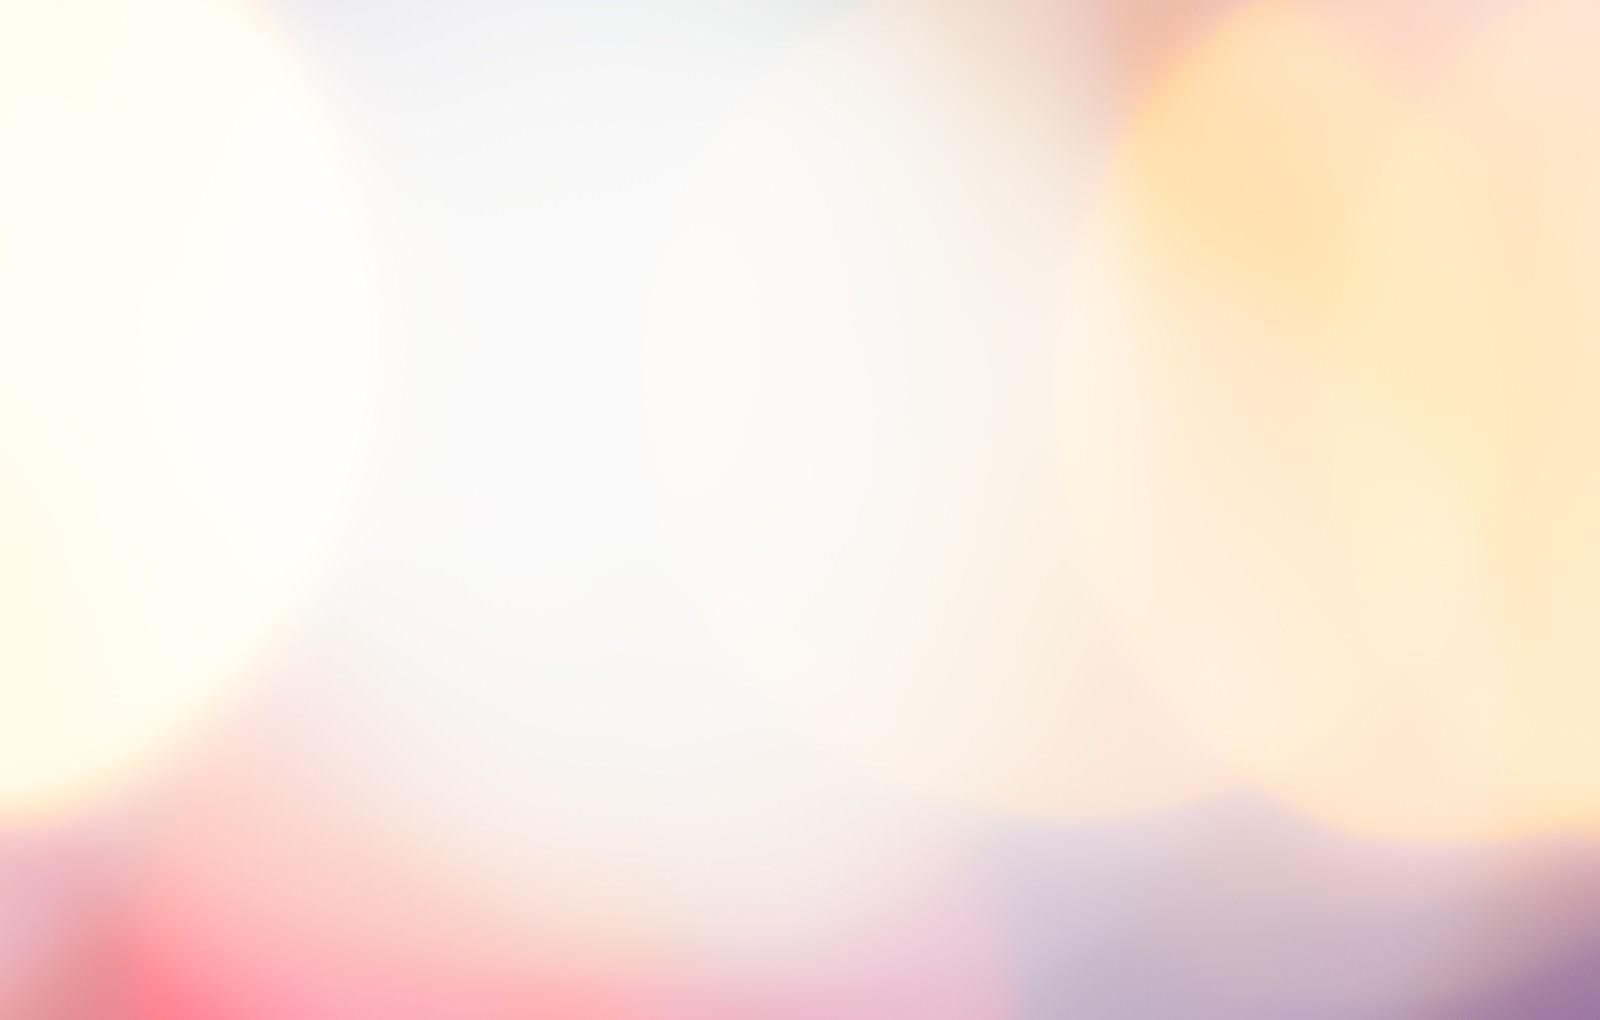 「明るく照らす光のボケ | 写真の無料素材・フリー素材 - ぱくたそ」の写真